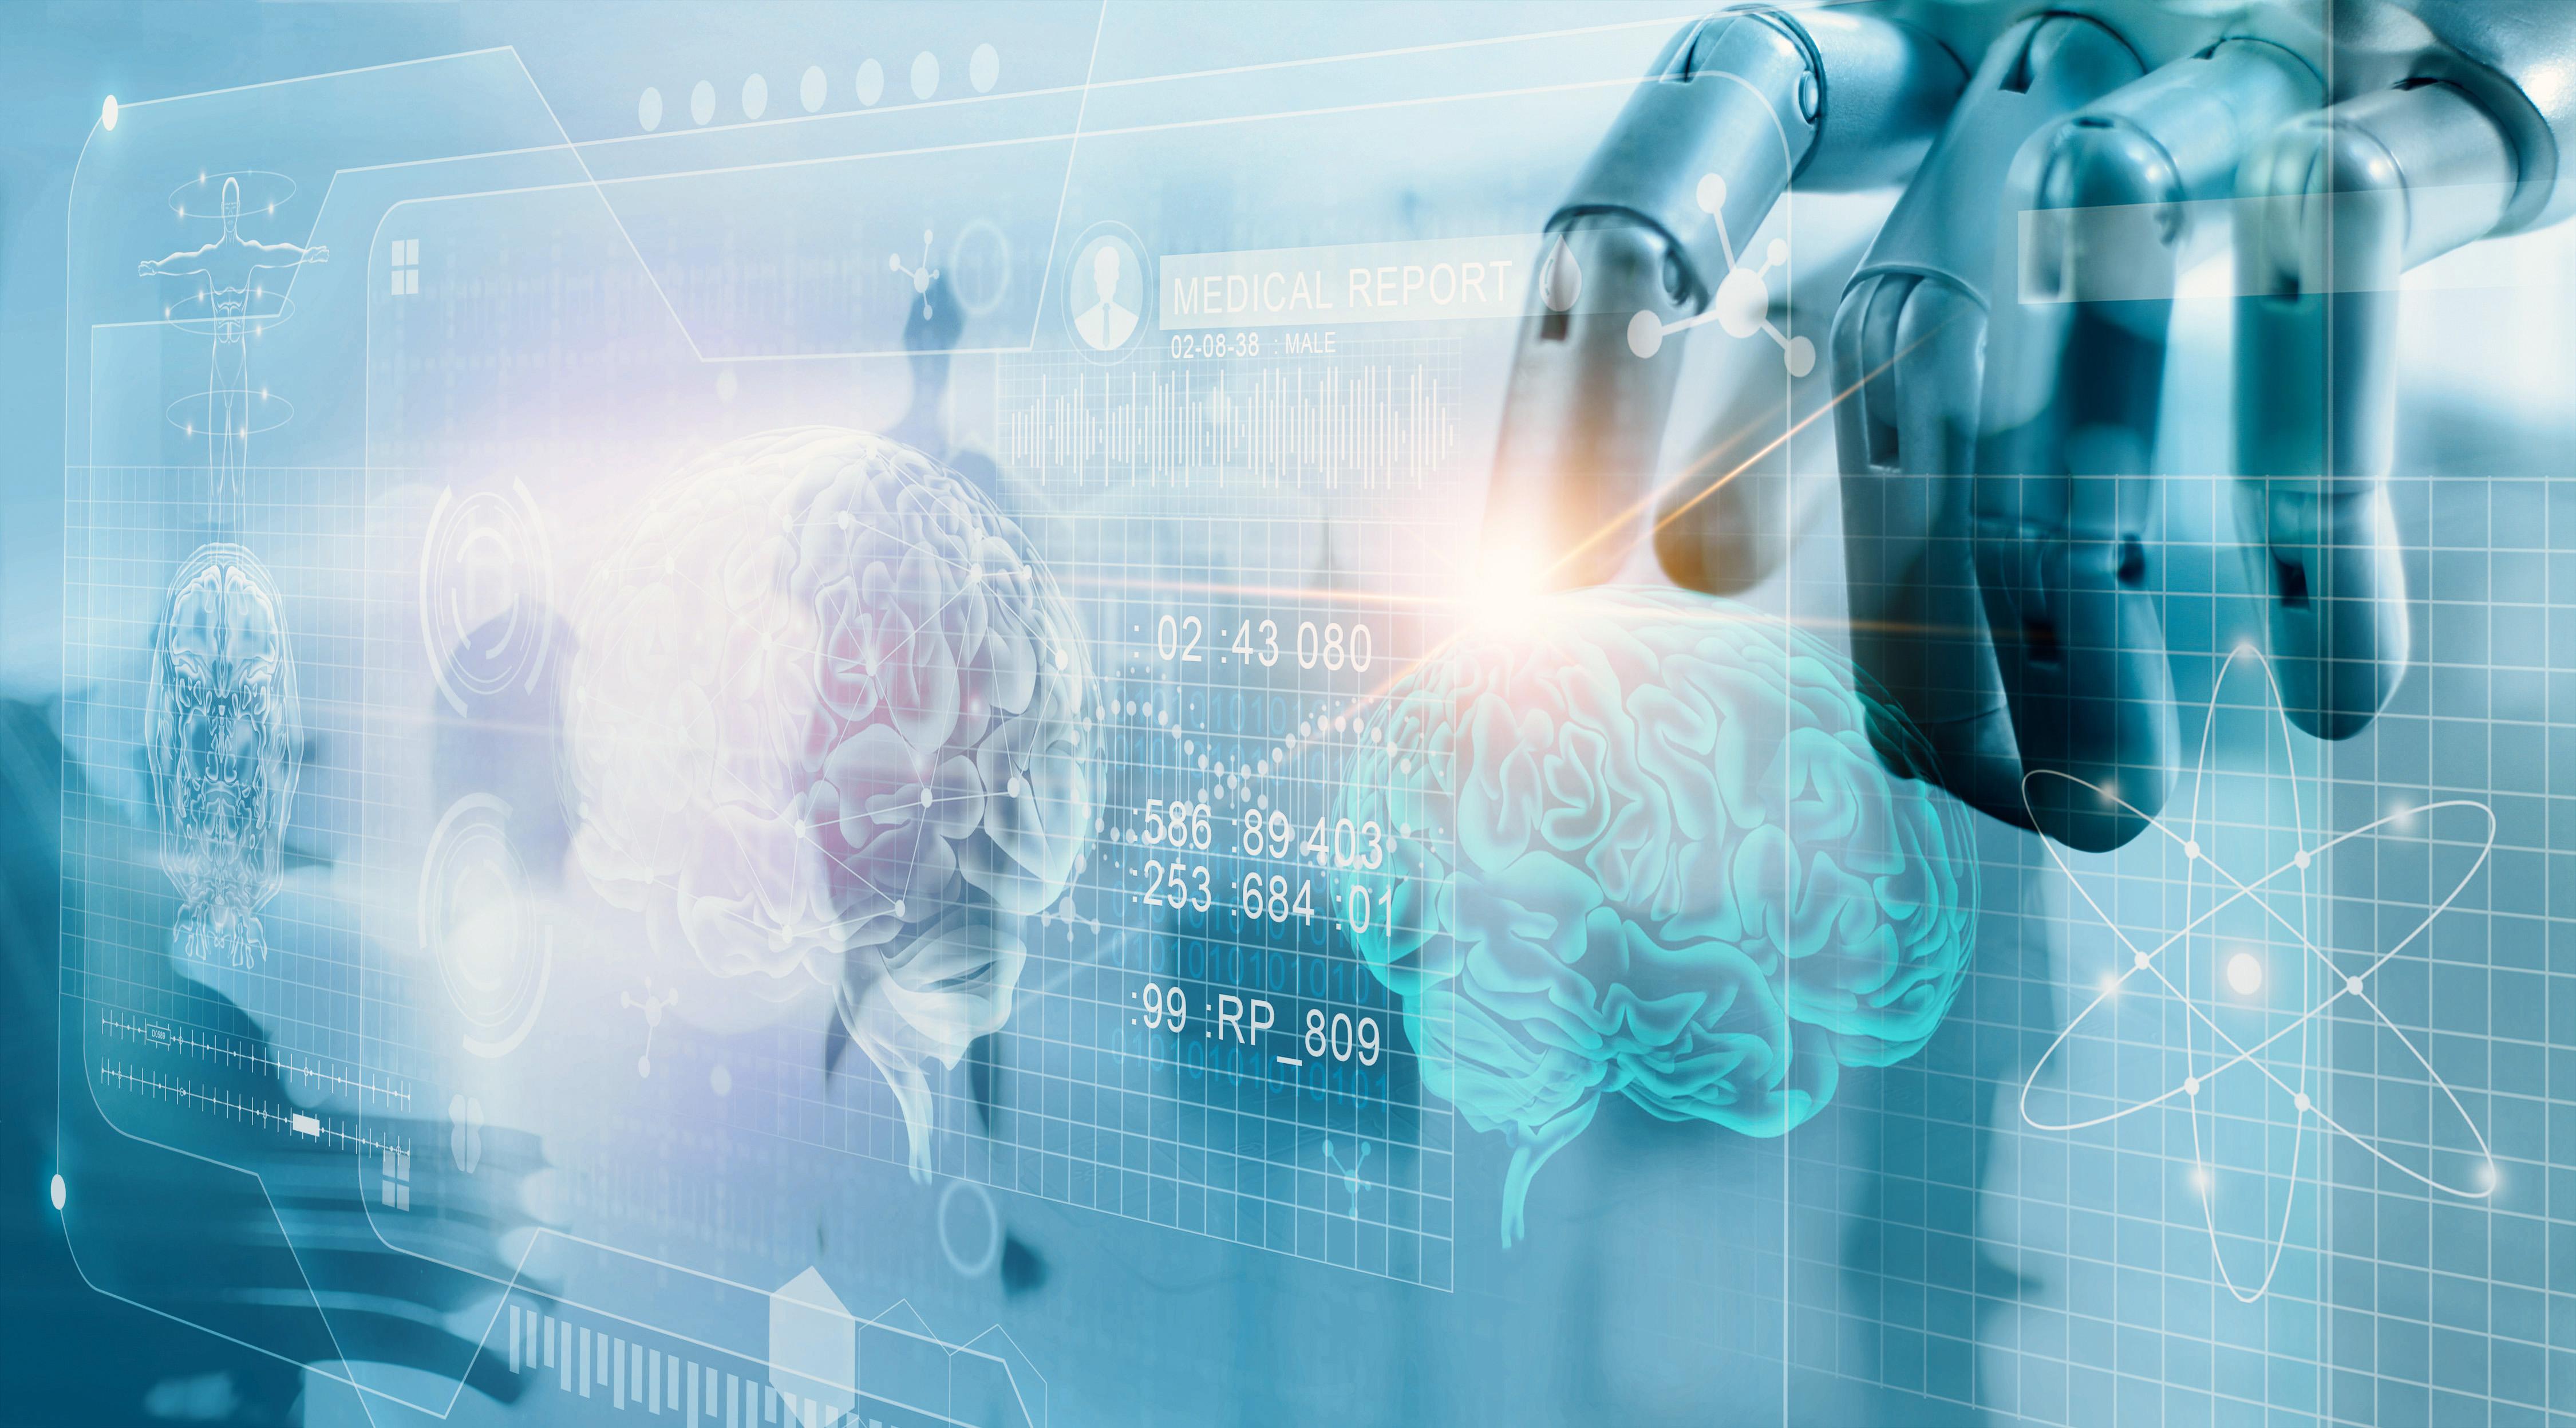 تاثیر اینترنت نسل پنجم بر هوش مصنوعی در بخش خدمات درمانی